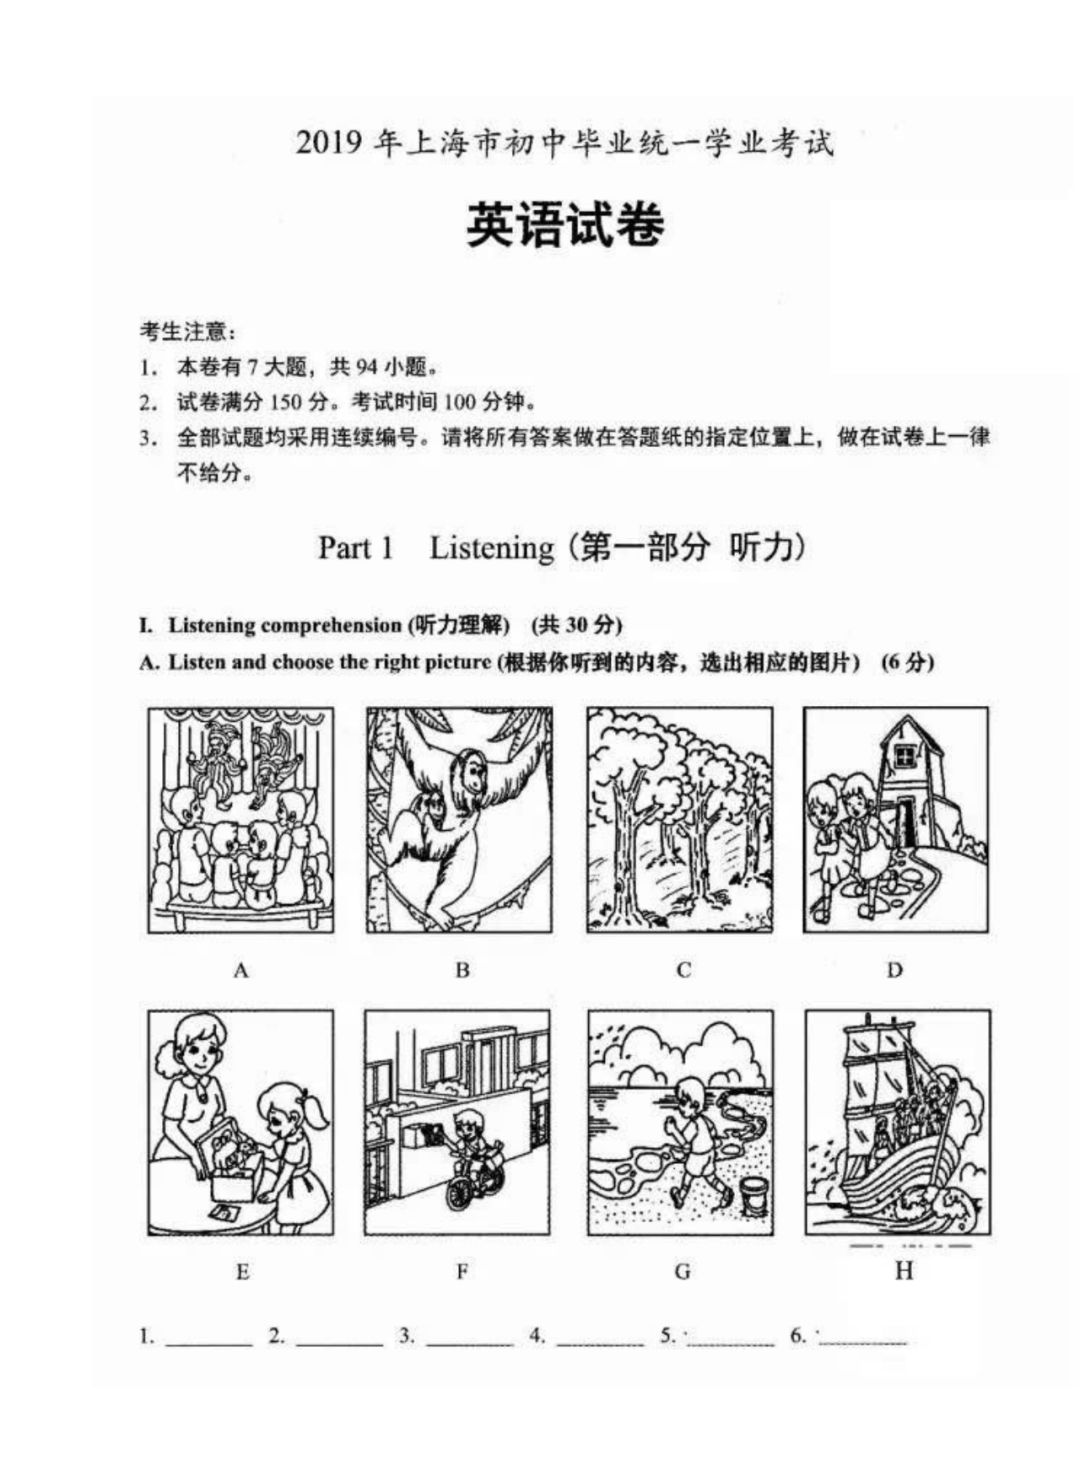 2019上海中考英语试题及答案解析